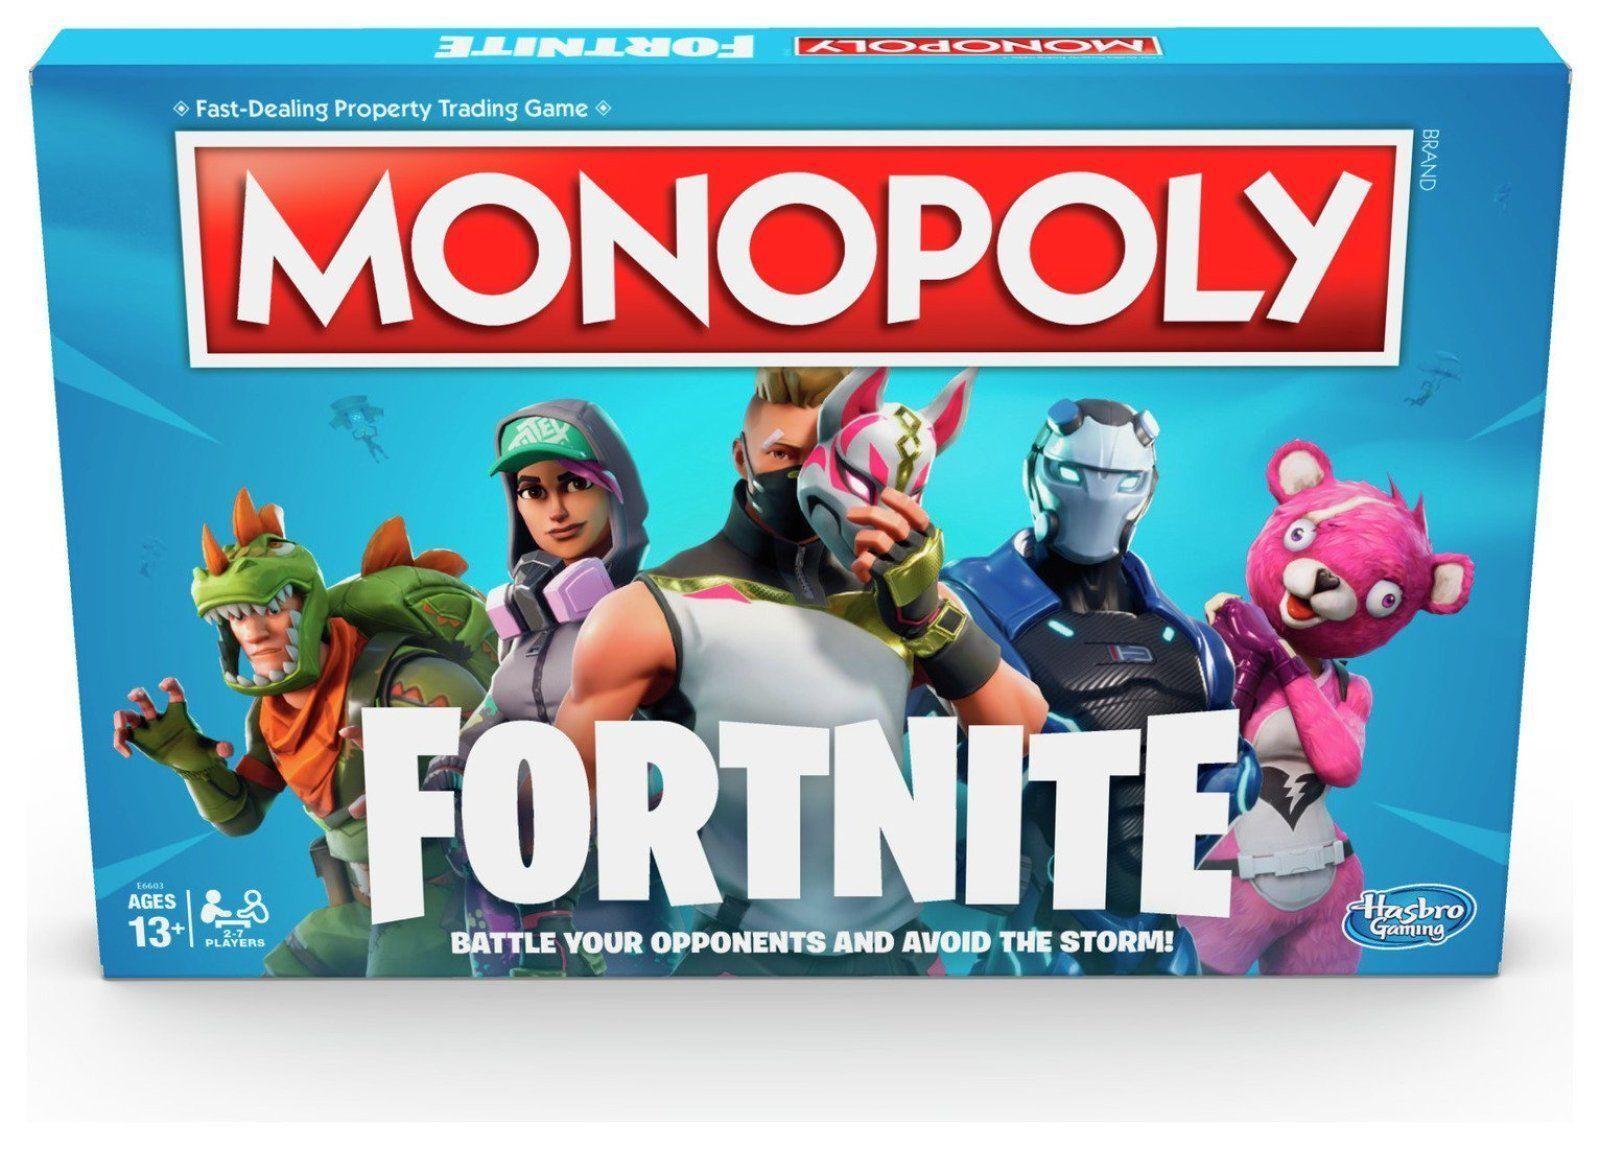 Profitez Profitez Profitez de la fin de l'année, copiez le prix du cadeau, c'est au-delà de votre imagination! Fortnite Monopoly Board Game-Famille, - Carte par Hasbro Gaming b1e082